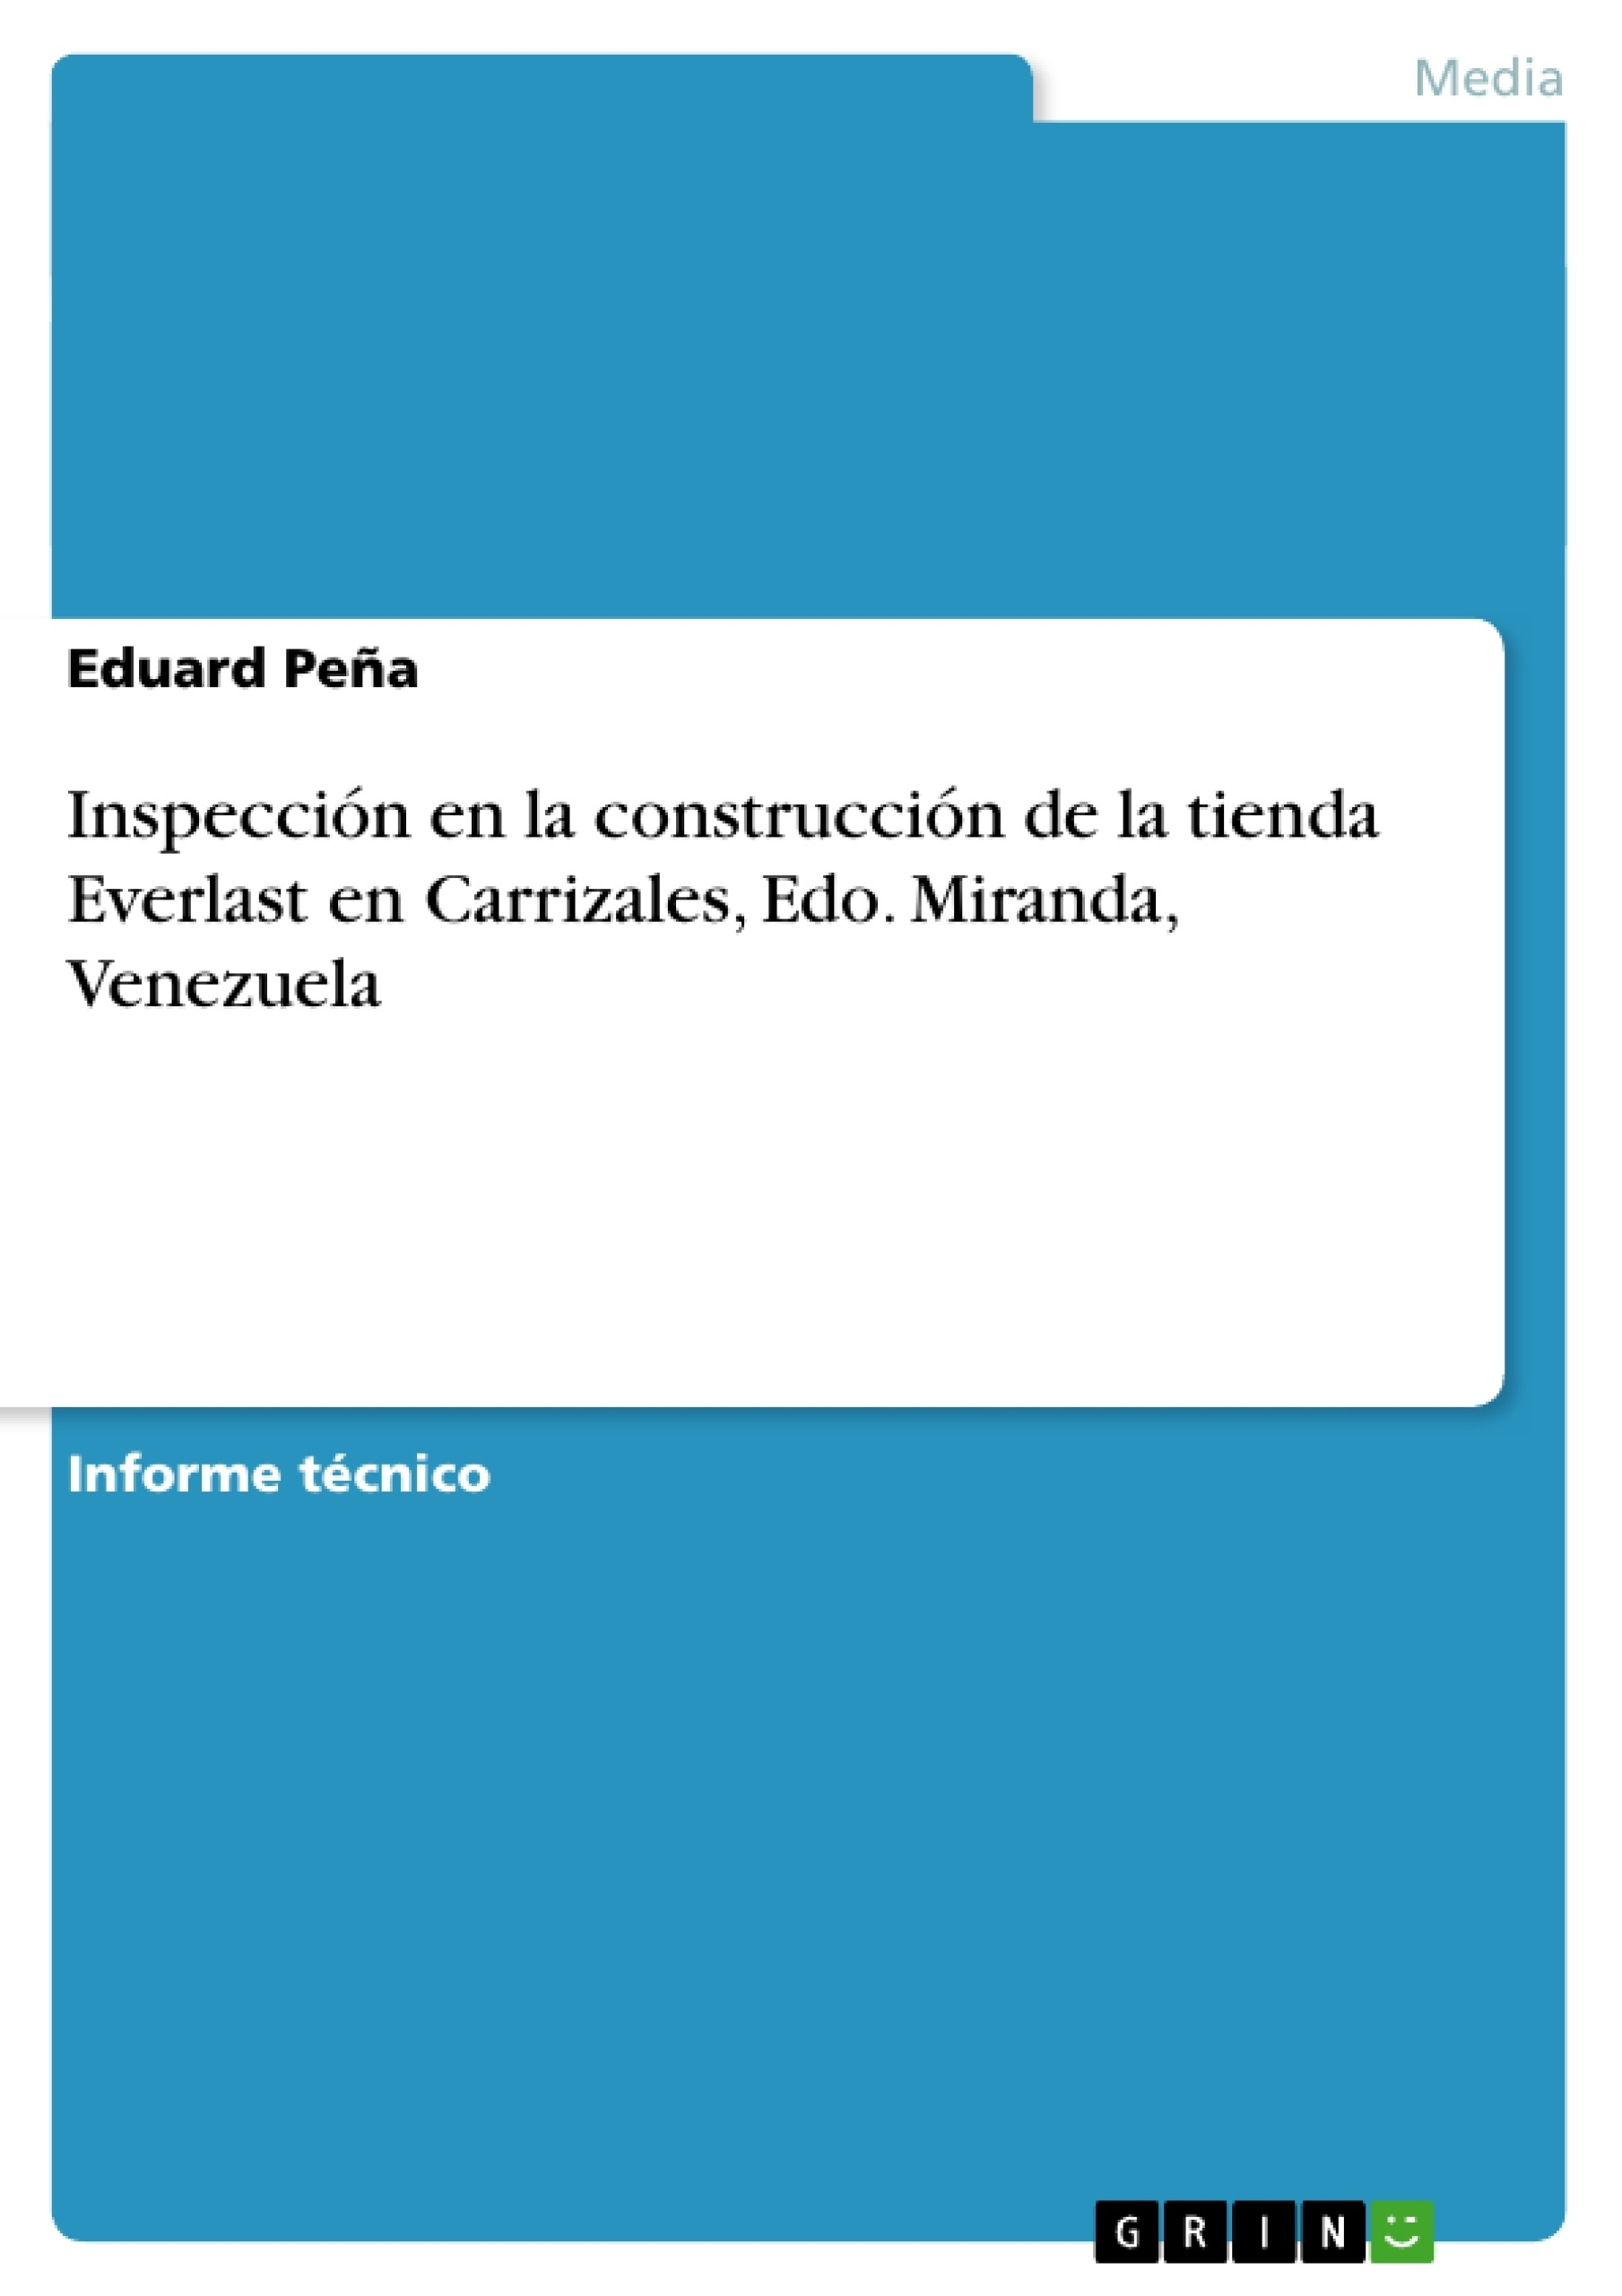 Título: Inspección en la construcción de la tienda Everlast en Carrizales, Edo. Miranda, Venezuela